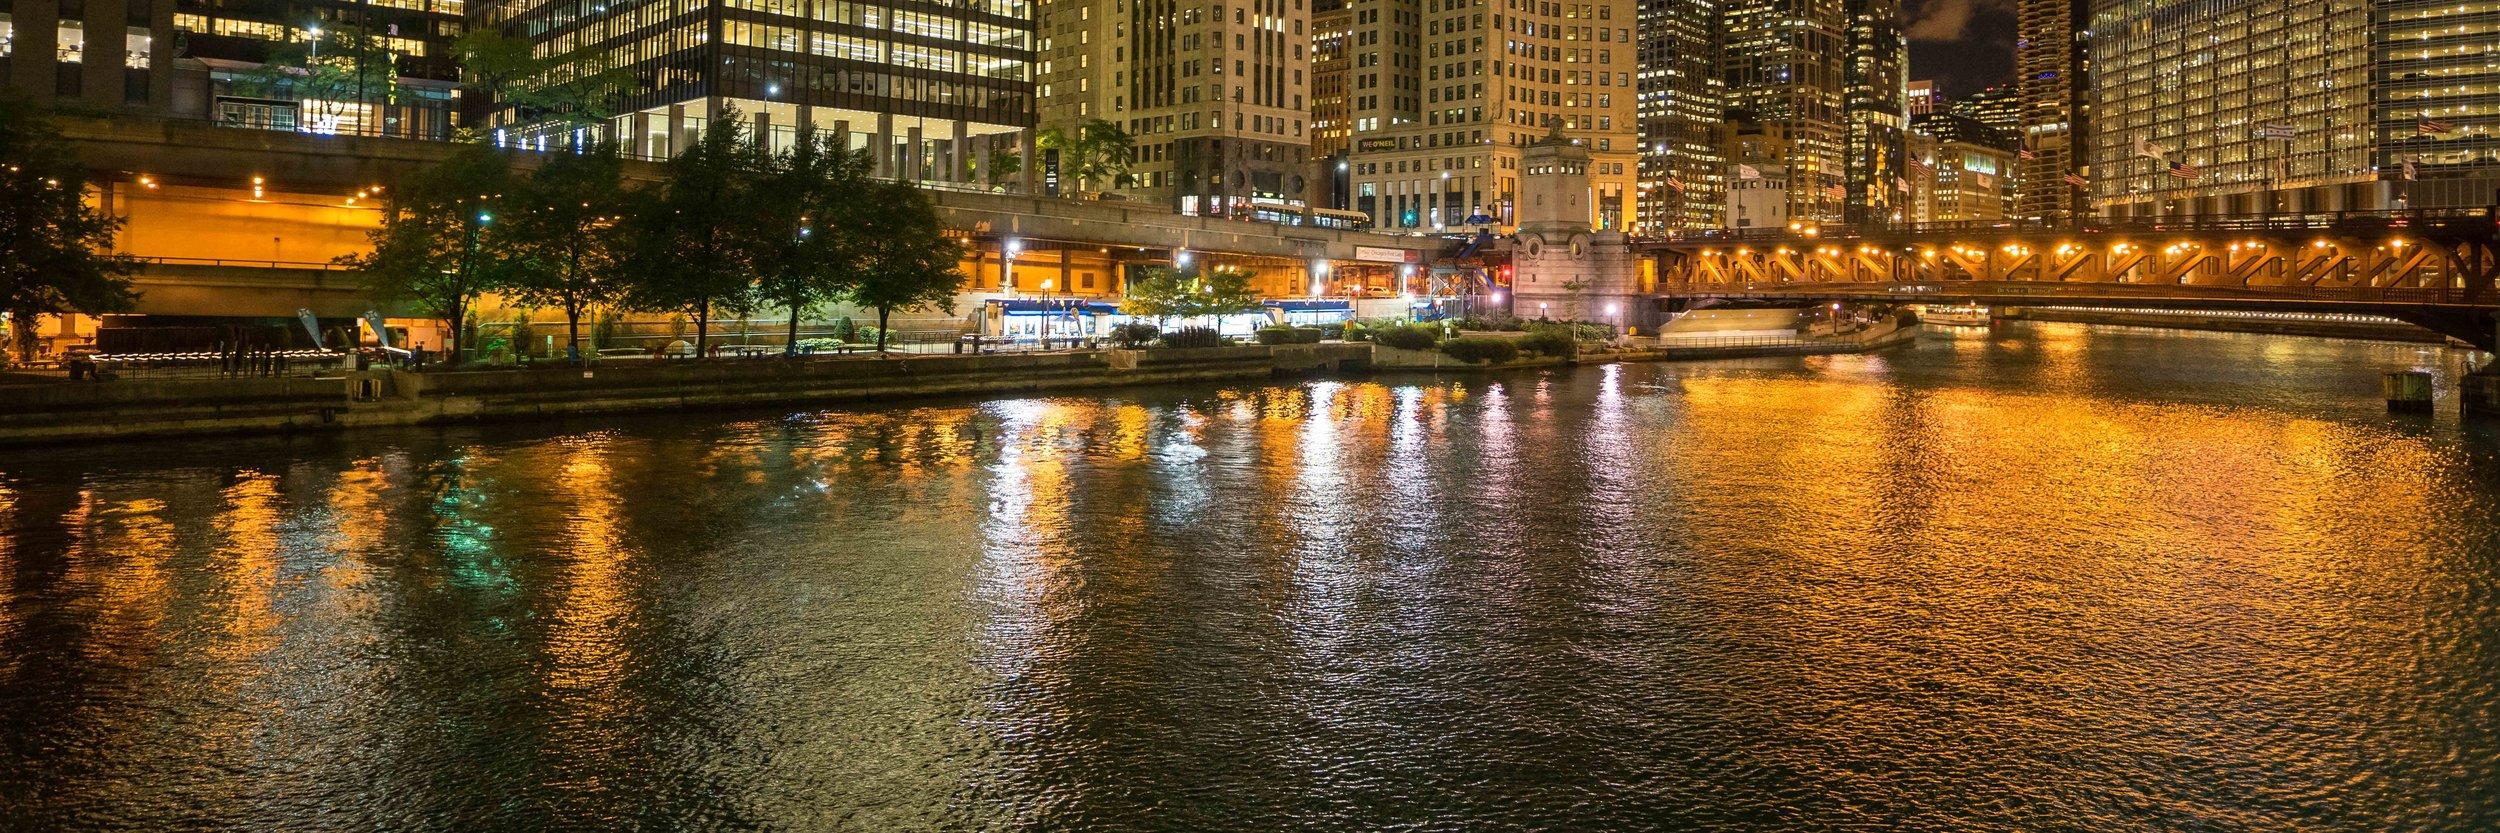 Chicago 1-19.jpg